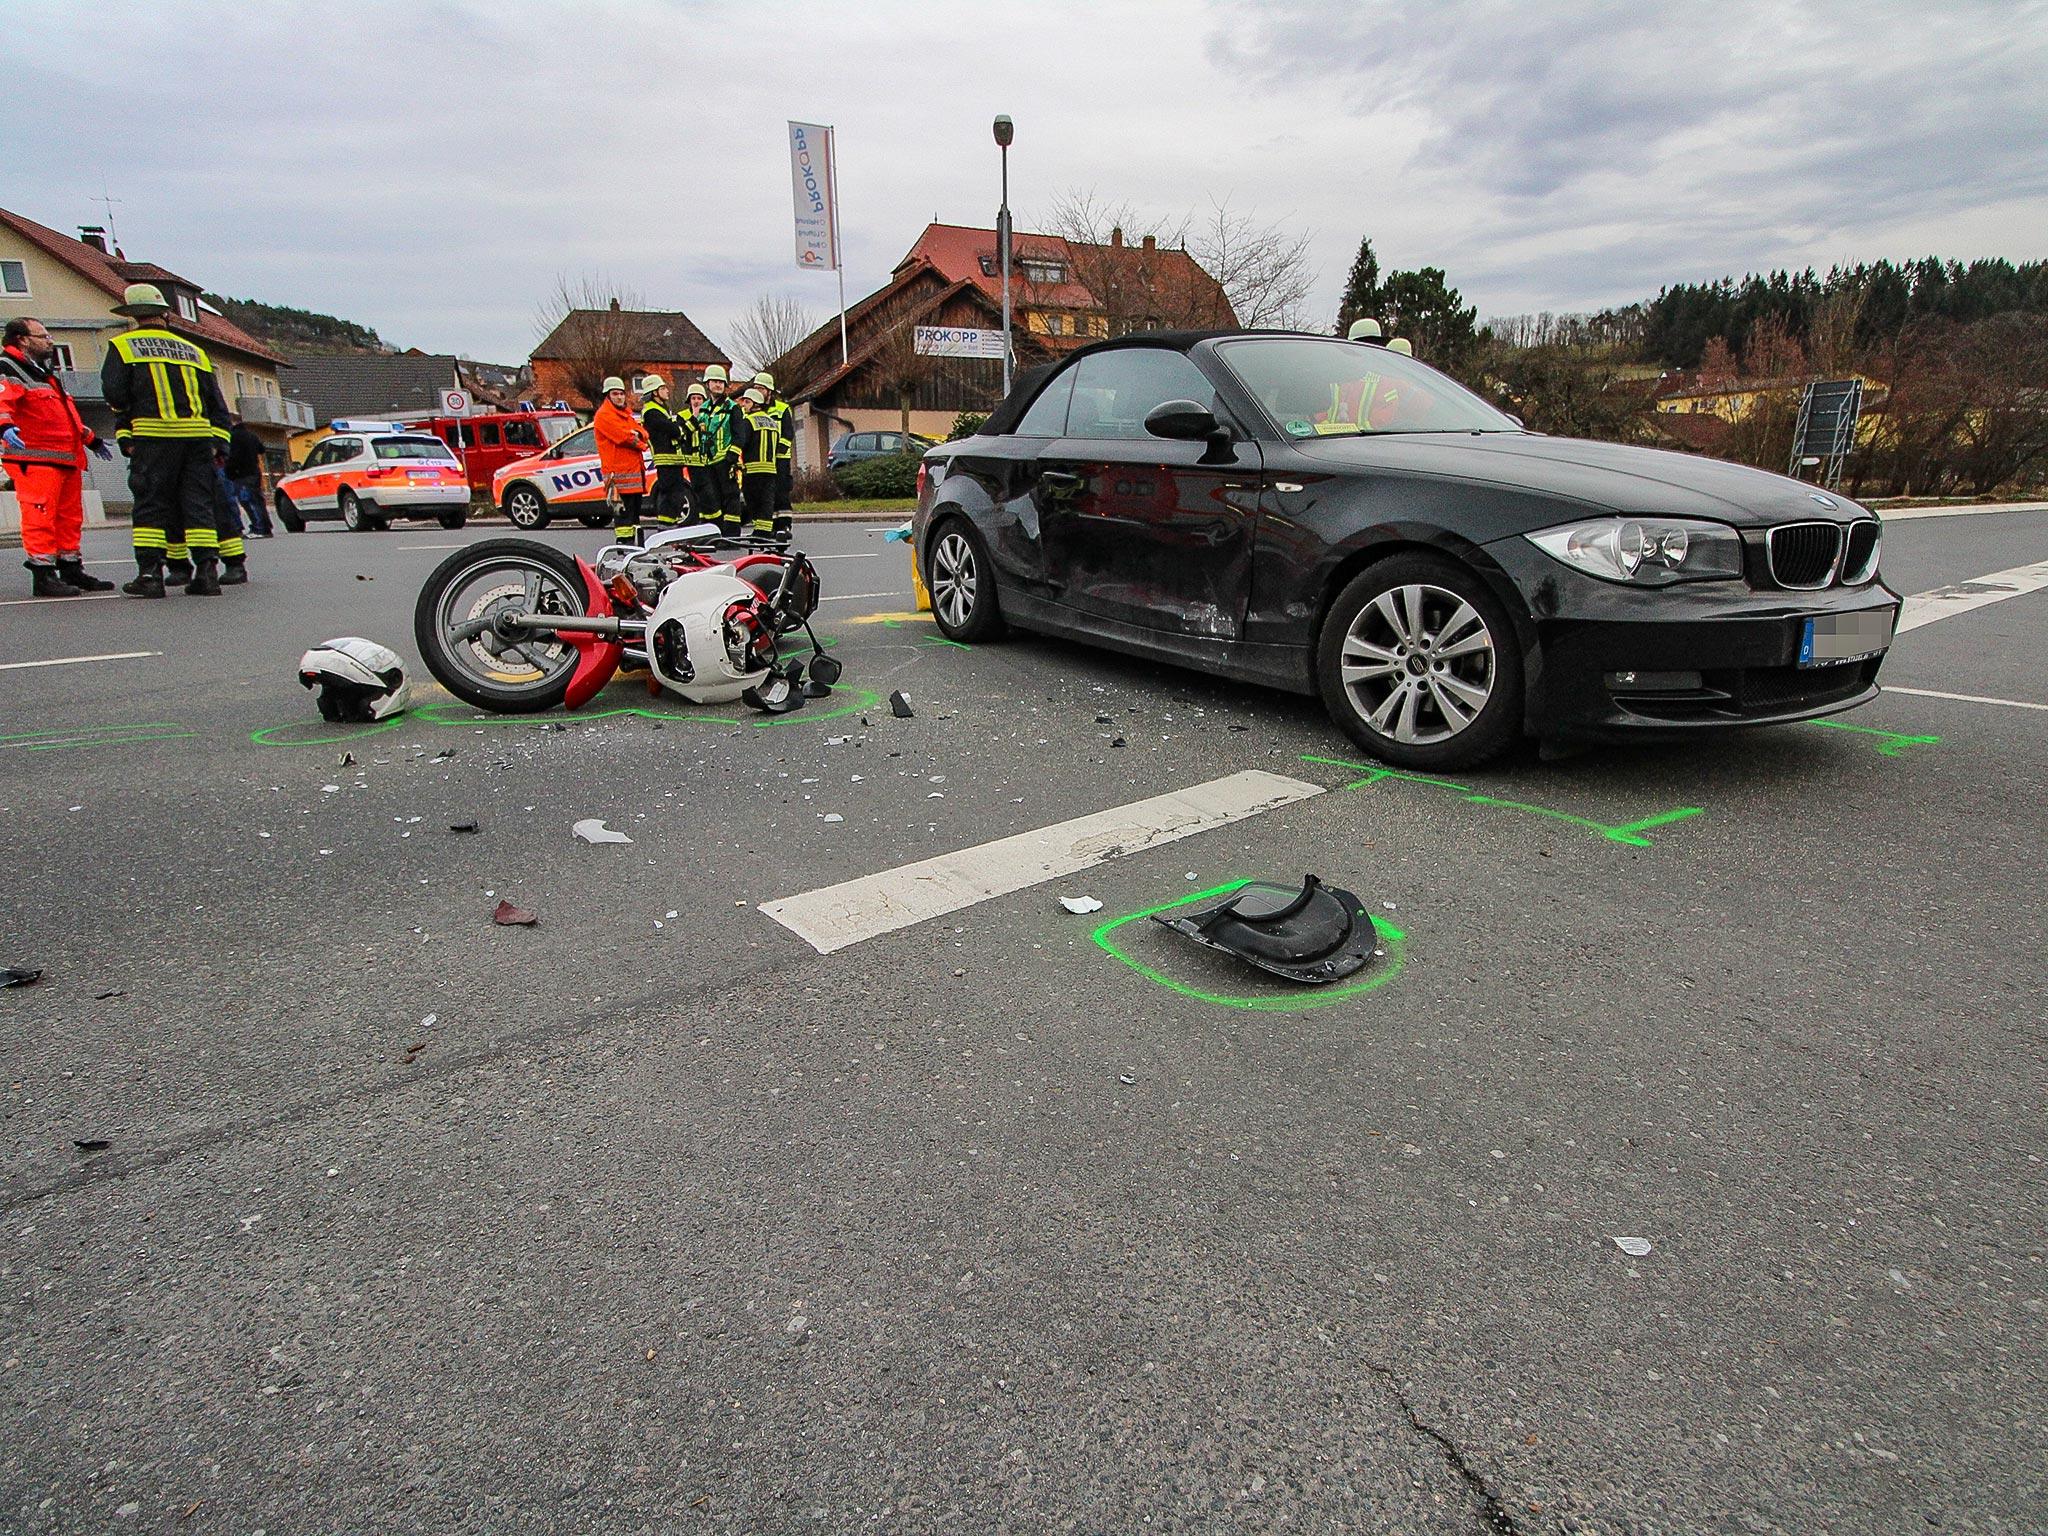 Aus bislang unbekannten Gründen übersah sie hierbei einen vorfahrtsberechtigten Motorradfahrer auf der Gegenfahrbahn. Foto: H. Usky